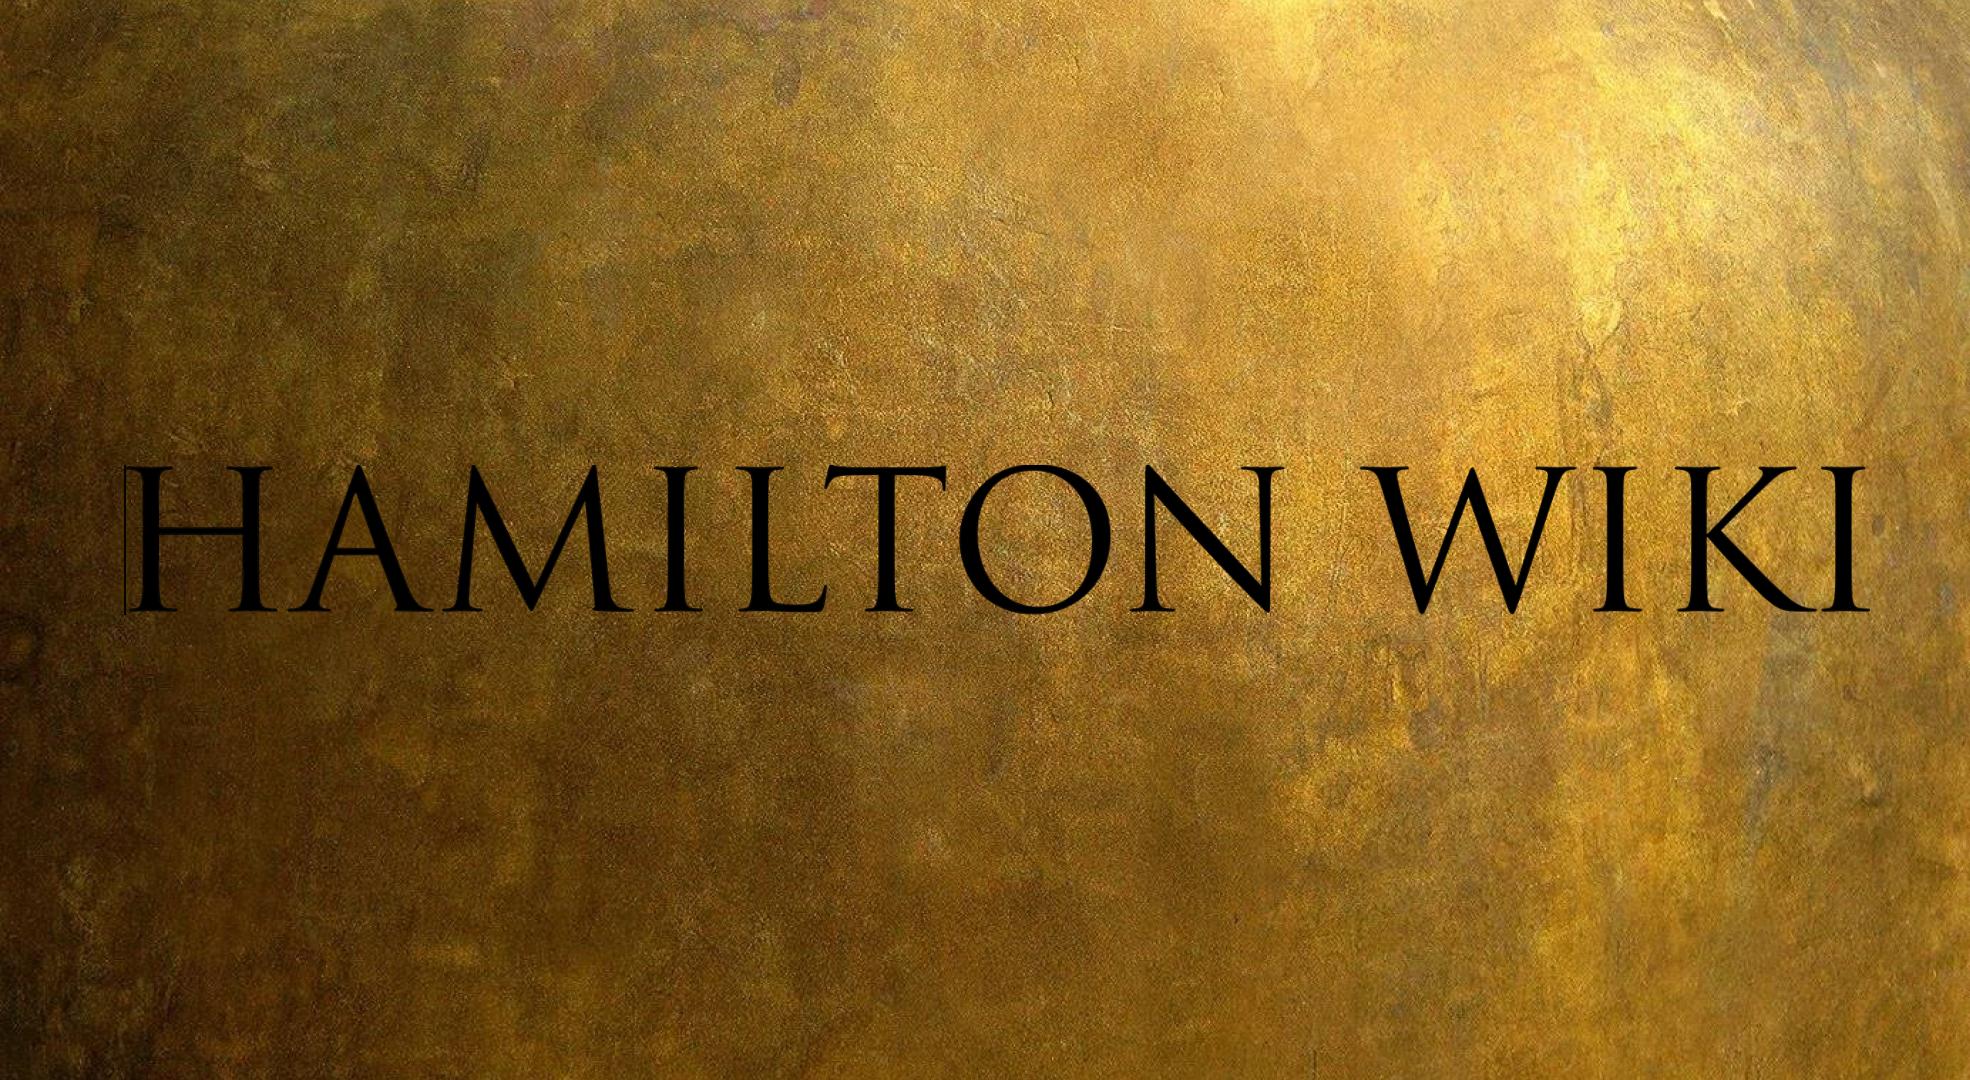 Hamilton Wiki